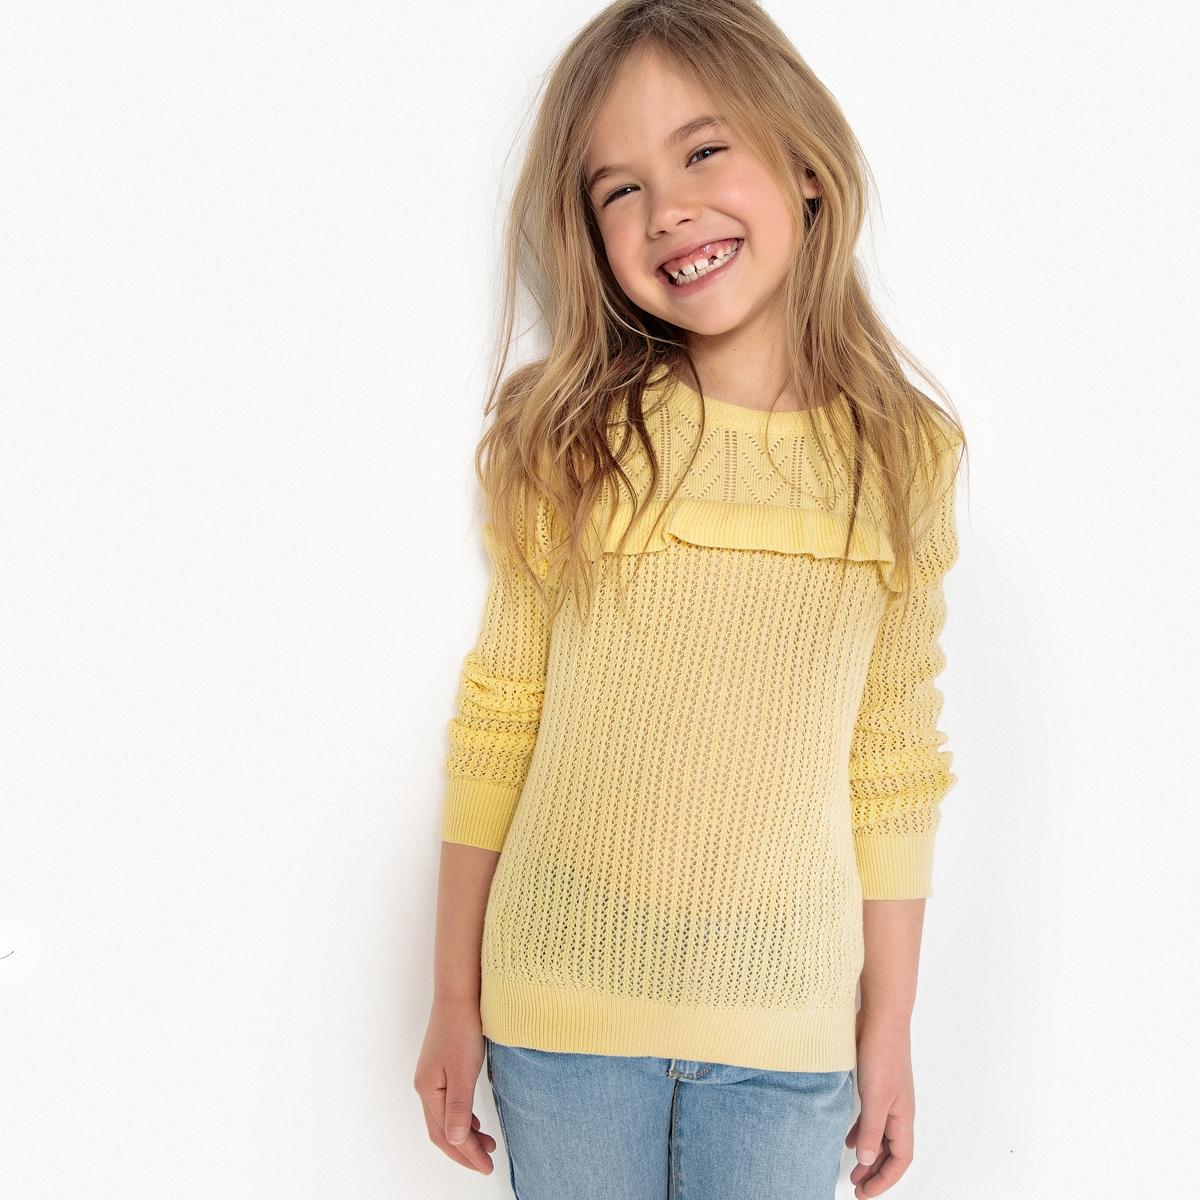 Пуловер из трикотажа с воланами 3-12 лет